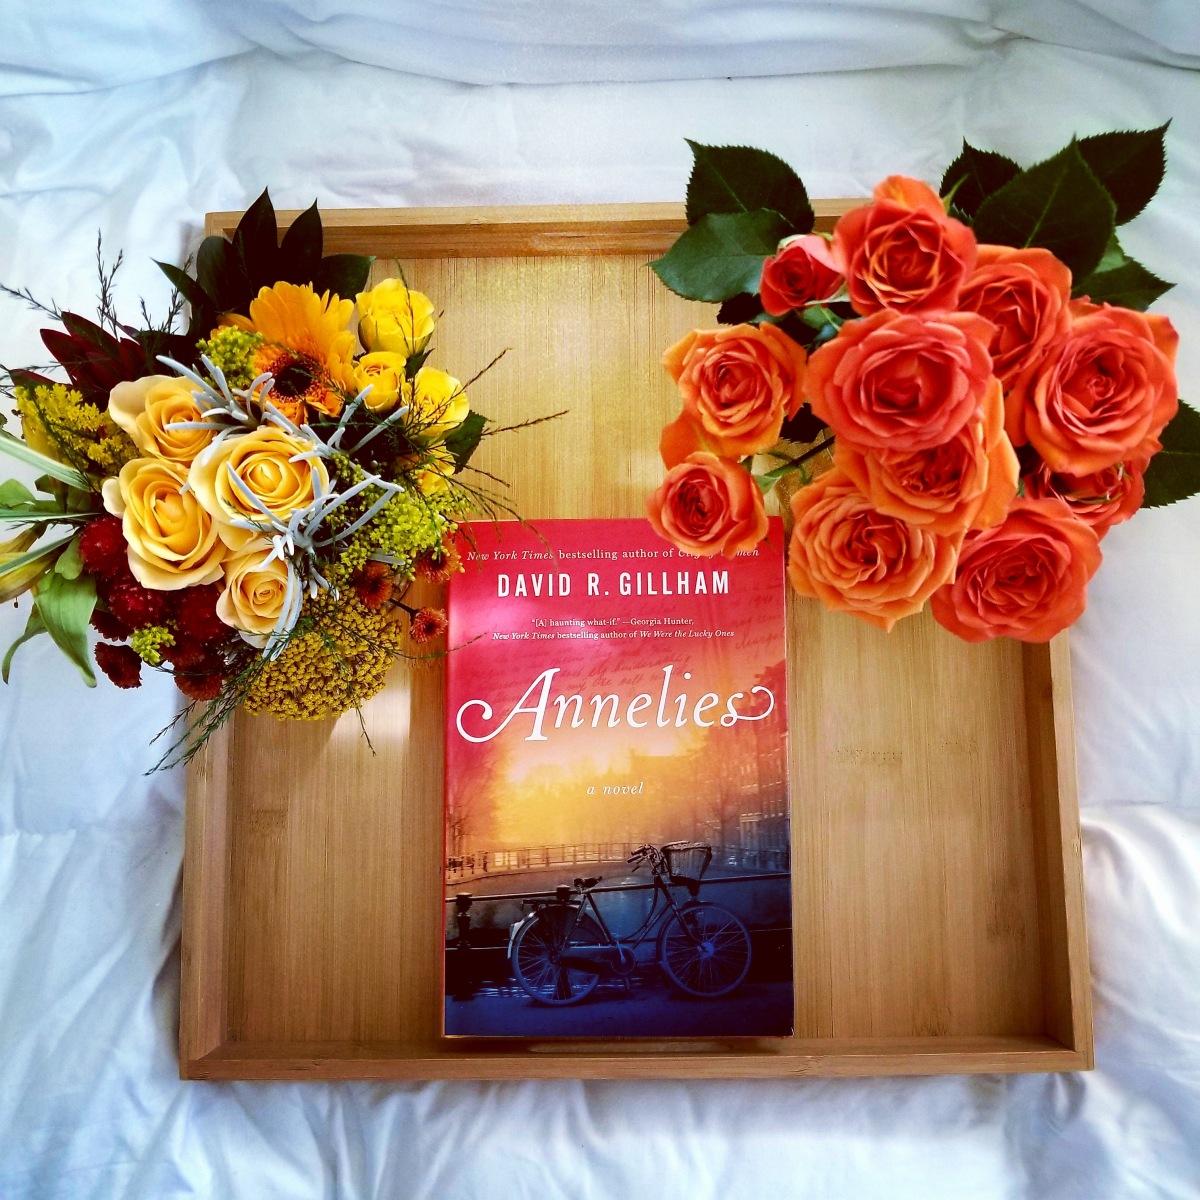 Annelies by David R. Gillham #bookreview #tarheelreader #thrannelies @drgillham @vikingbooks #annelies